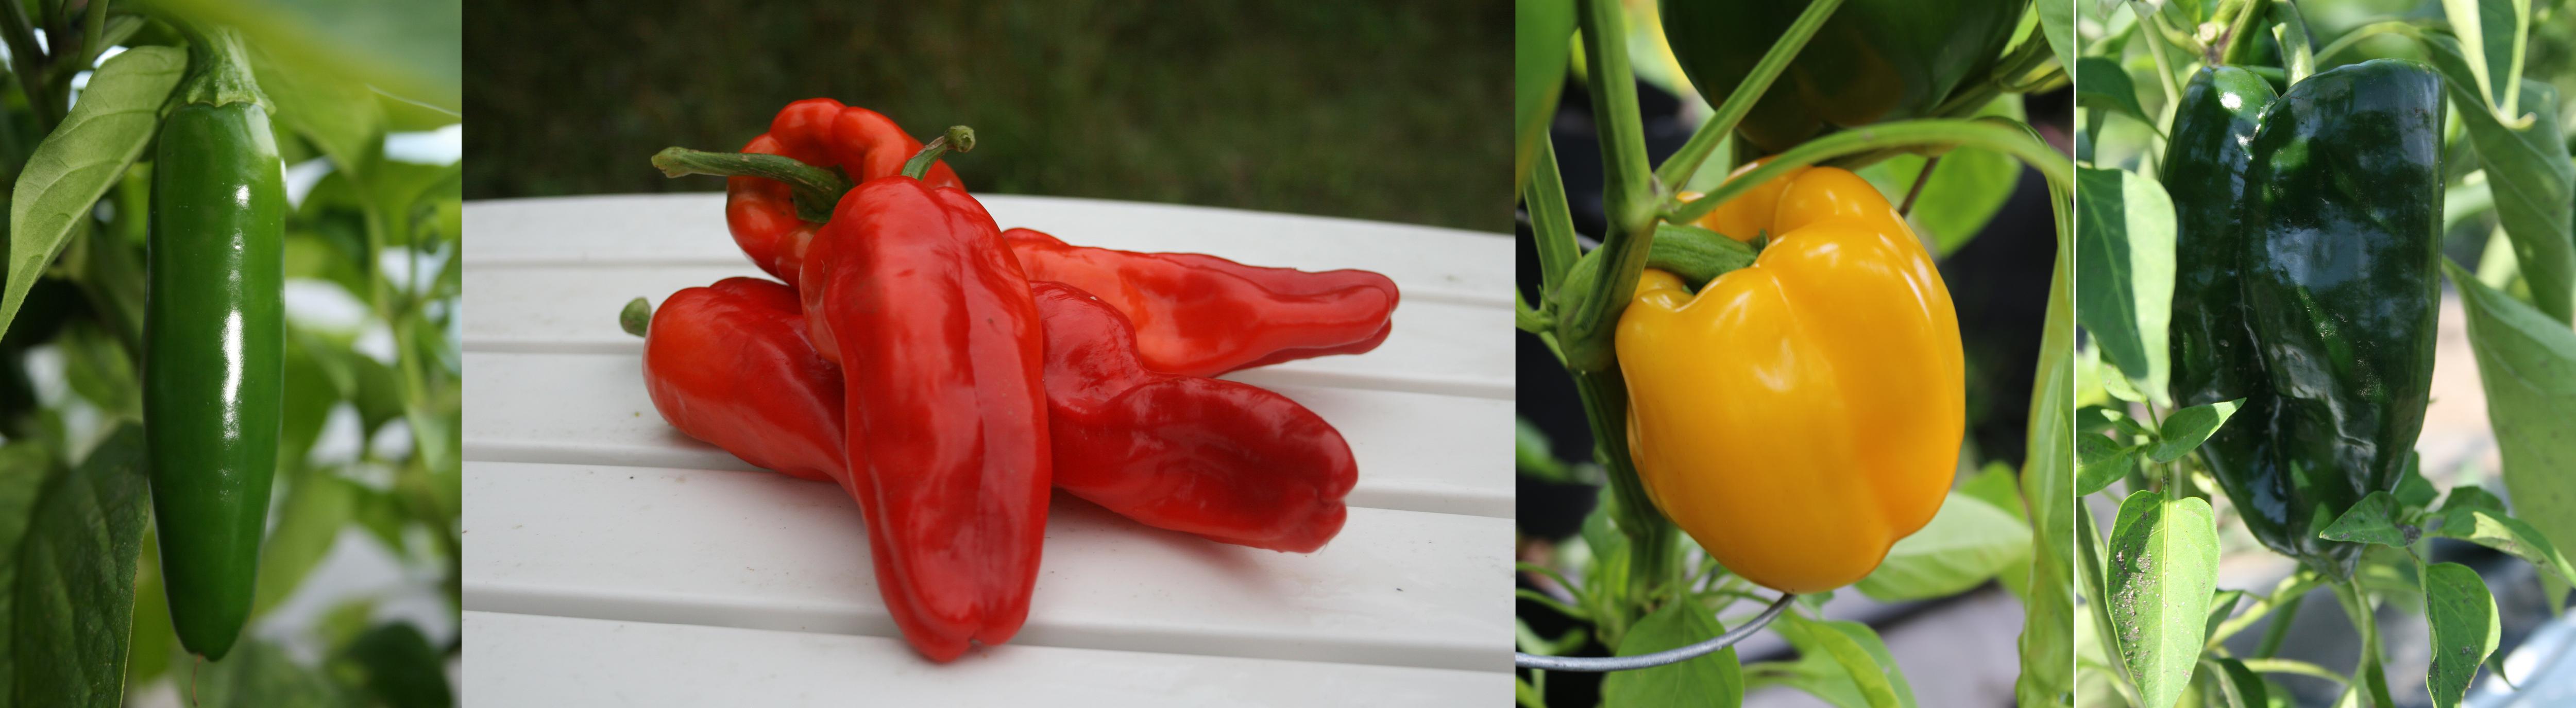 pepper-banner.jpg